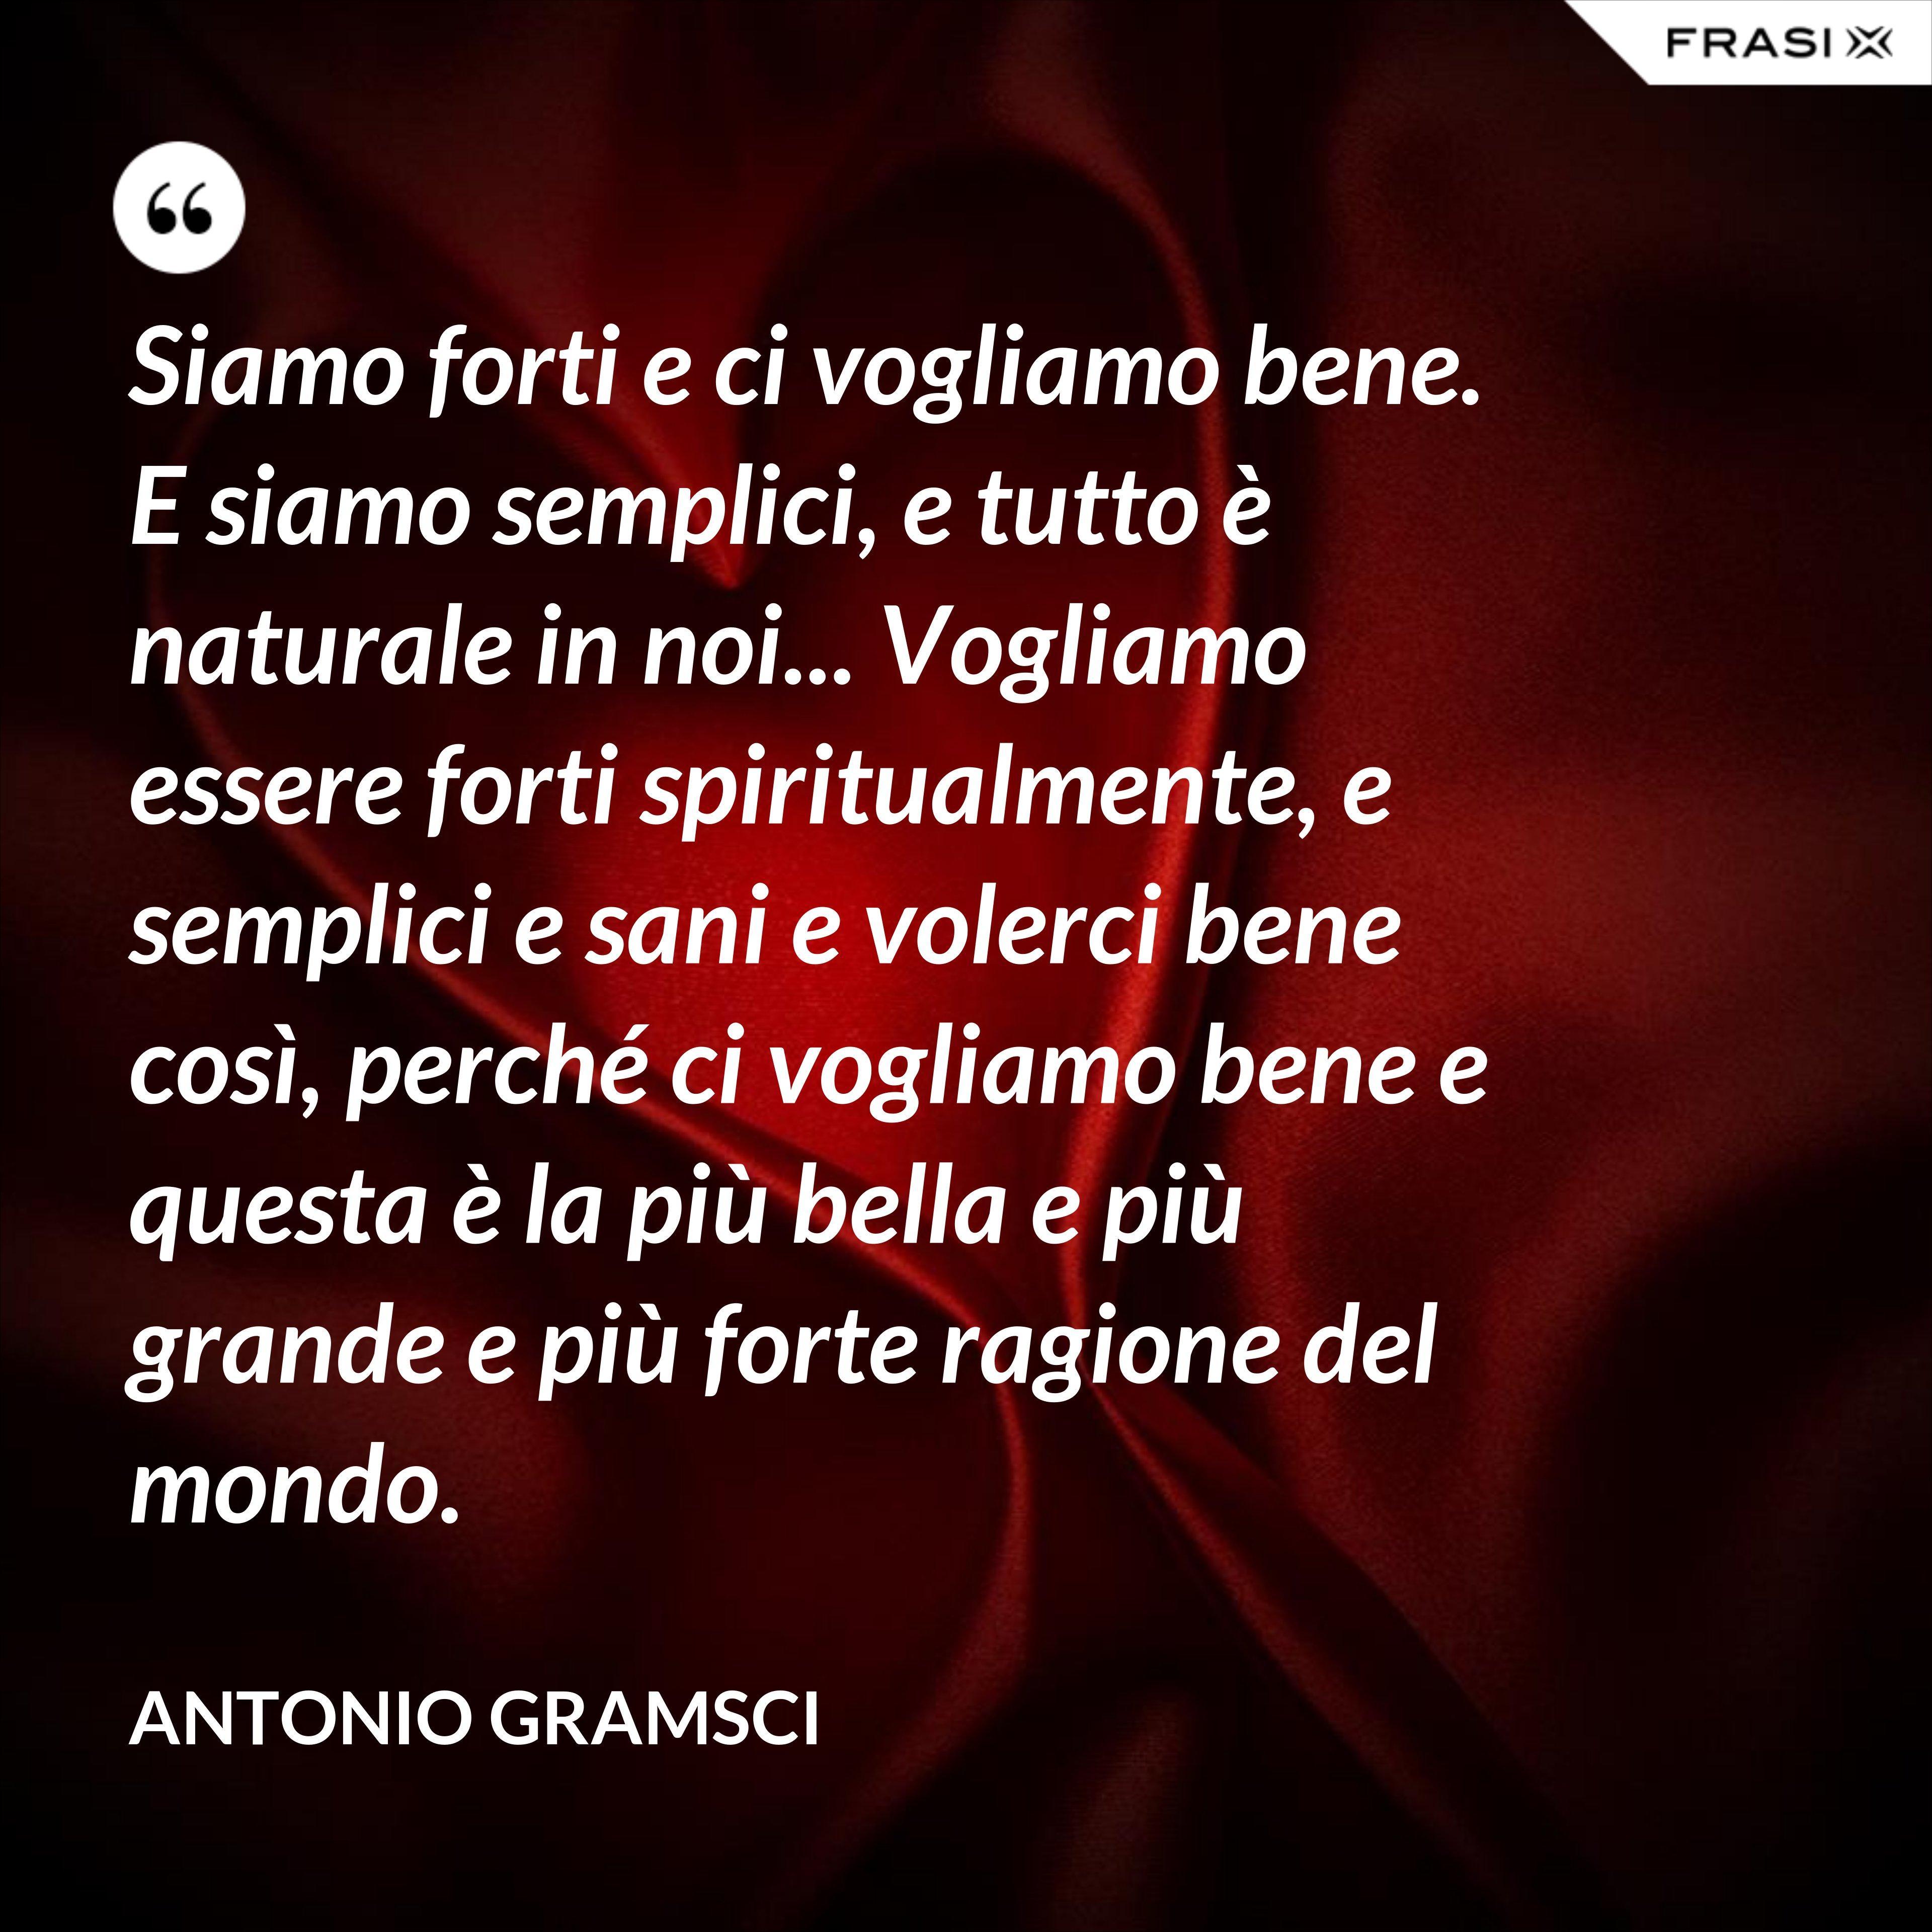 Siamo forti e ci vogliamo bene. E siamo semplici, e tutto è naturale in noi... Vogliamo essere forti spiritualmente, e semplici e sani e volerci bene così, perché ci vogliamo bene e questa è la più bella e più grande e più forte ragione del mondo. - Antonio Gramsci